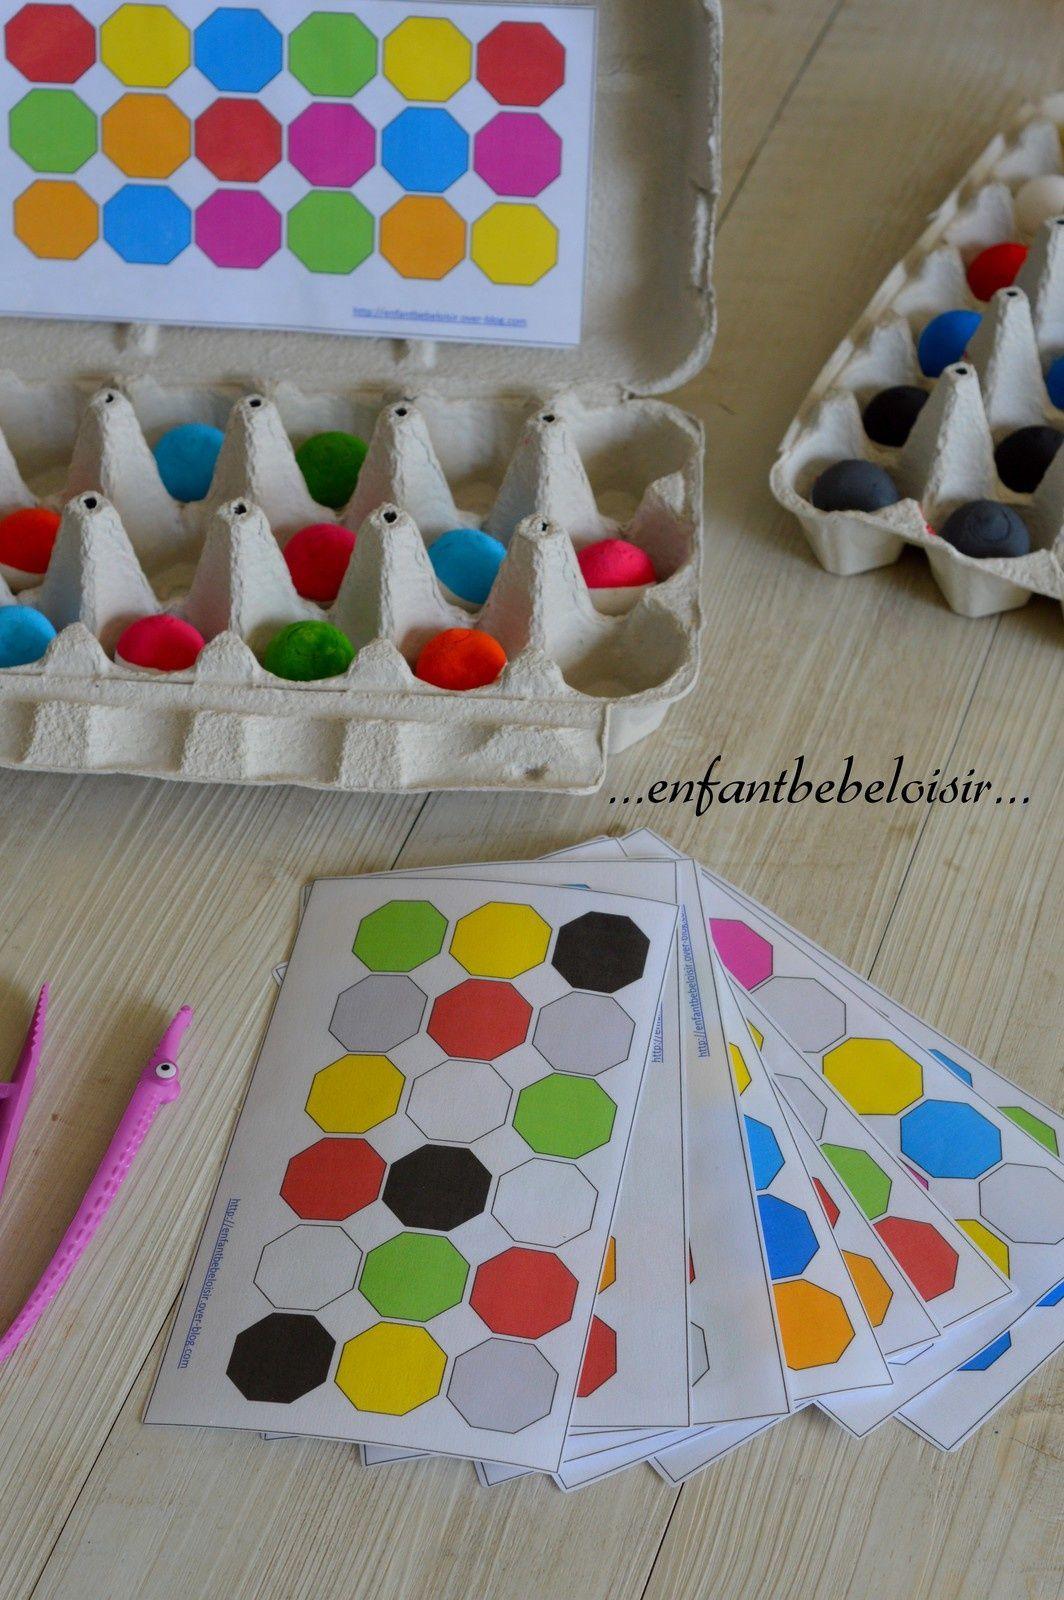 Bekannt Apprendre les couleurs PDF à imprimer | MATERNELLE | Pinterest  ZG68